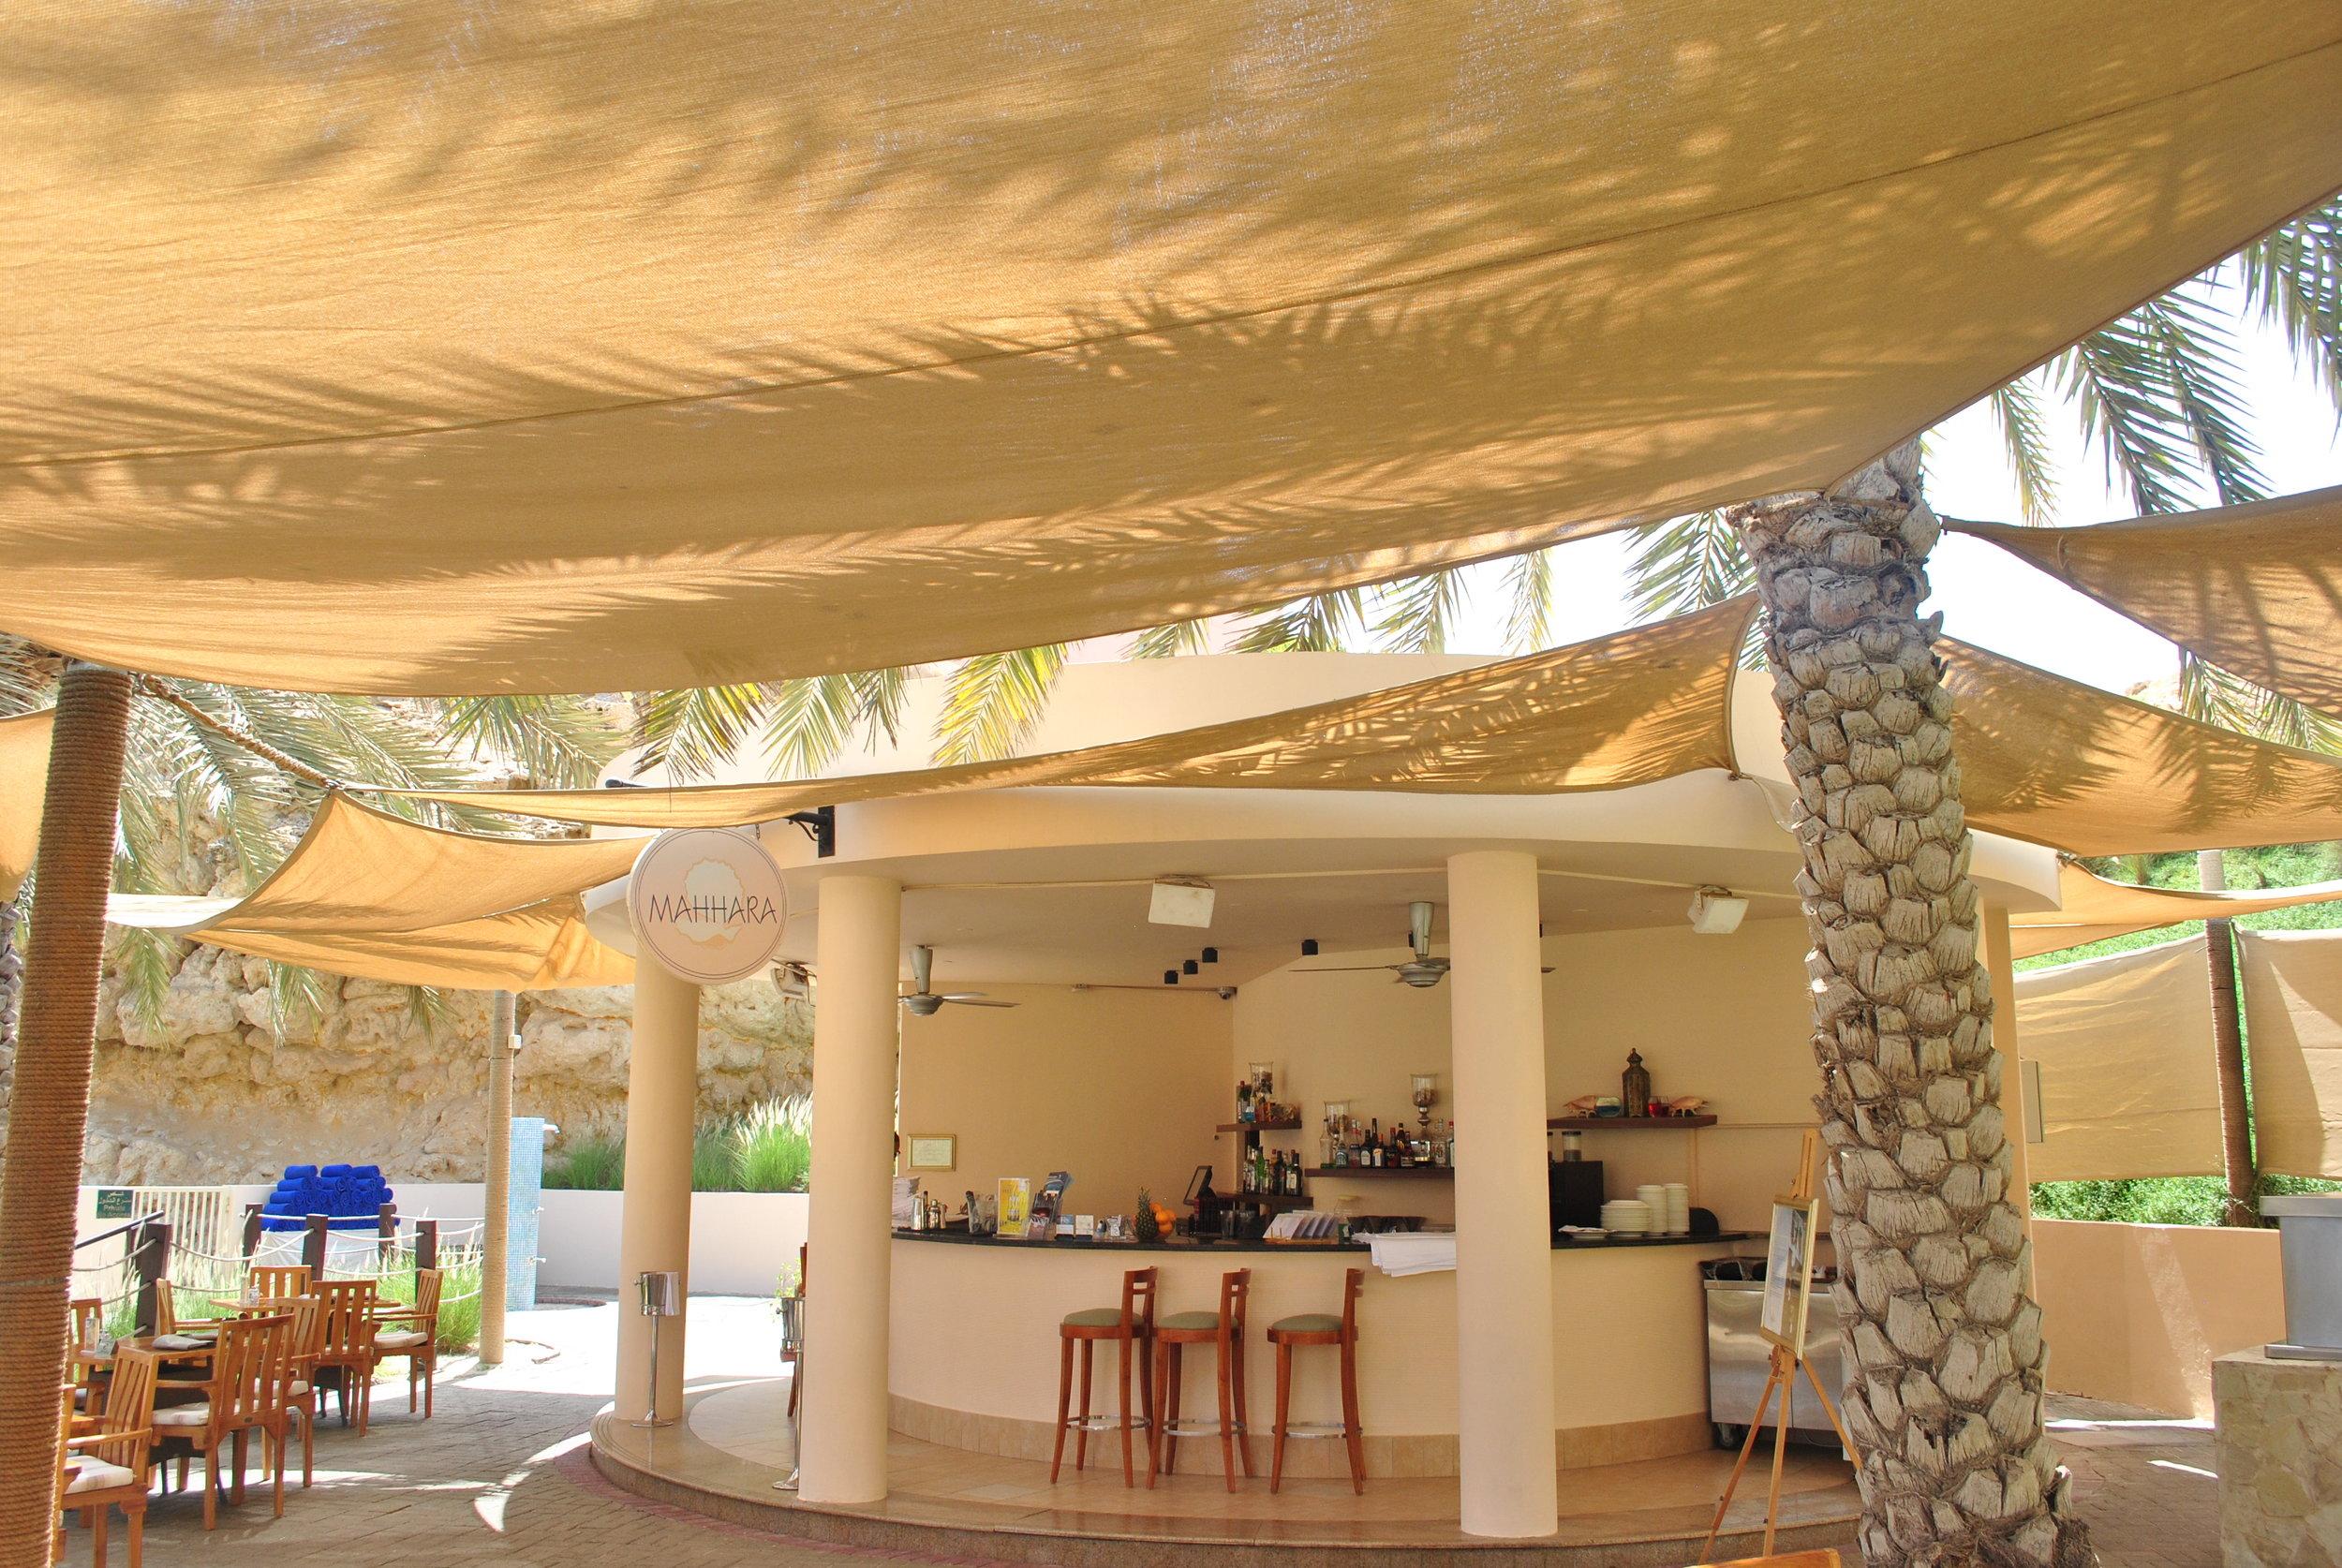 Mahhara Beach Bar (Shangri-La Muscat)